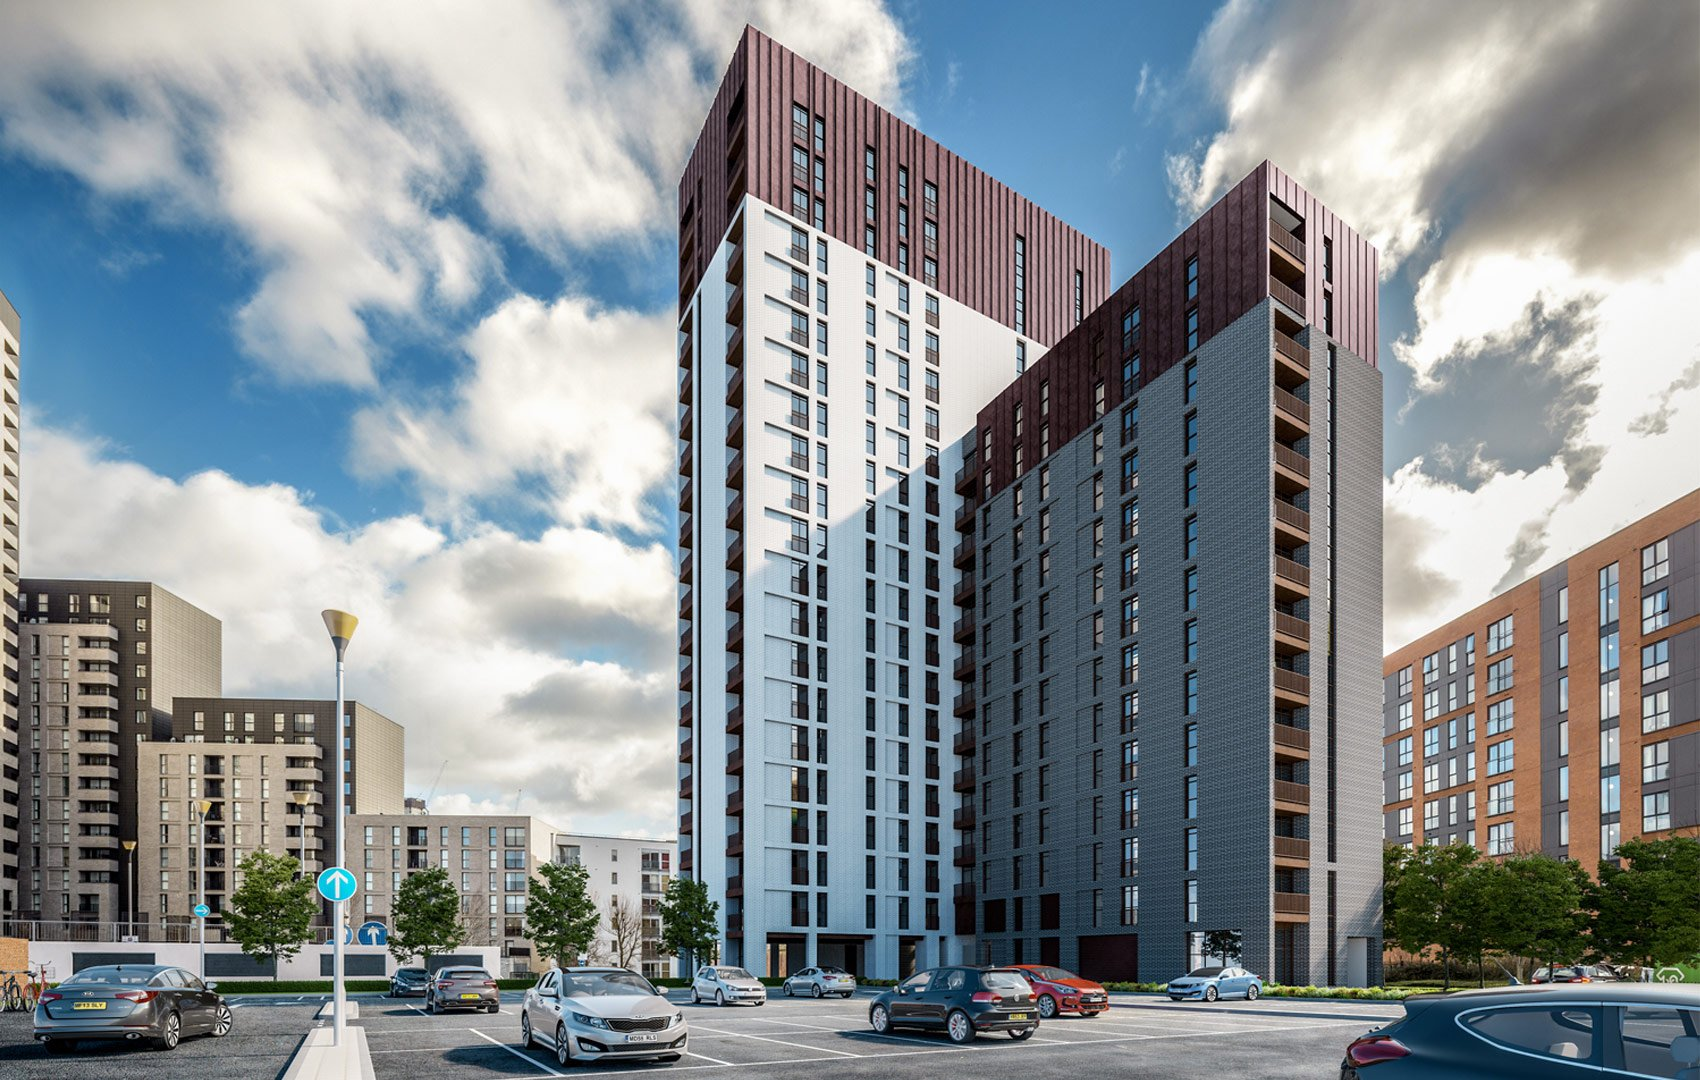 River Plaza, Derwent Street, Salford, No 1 Derwent Street, Salford, 3D Visual of exterior